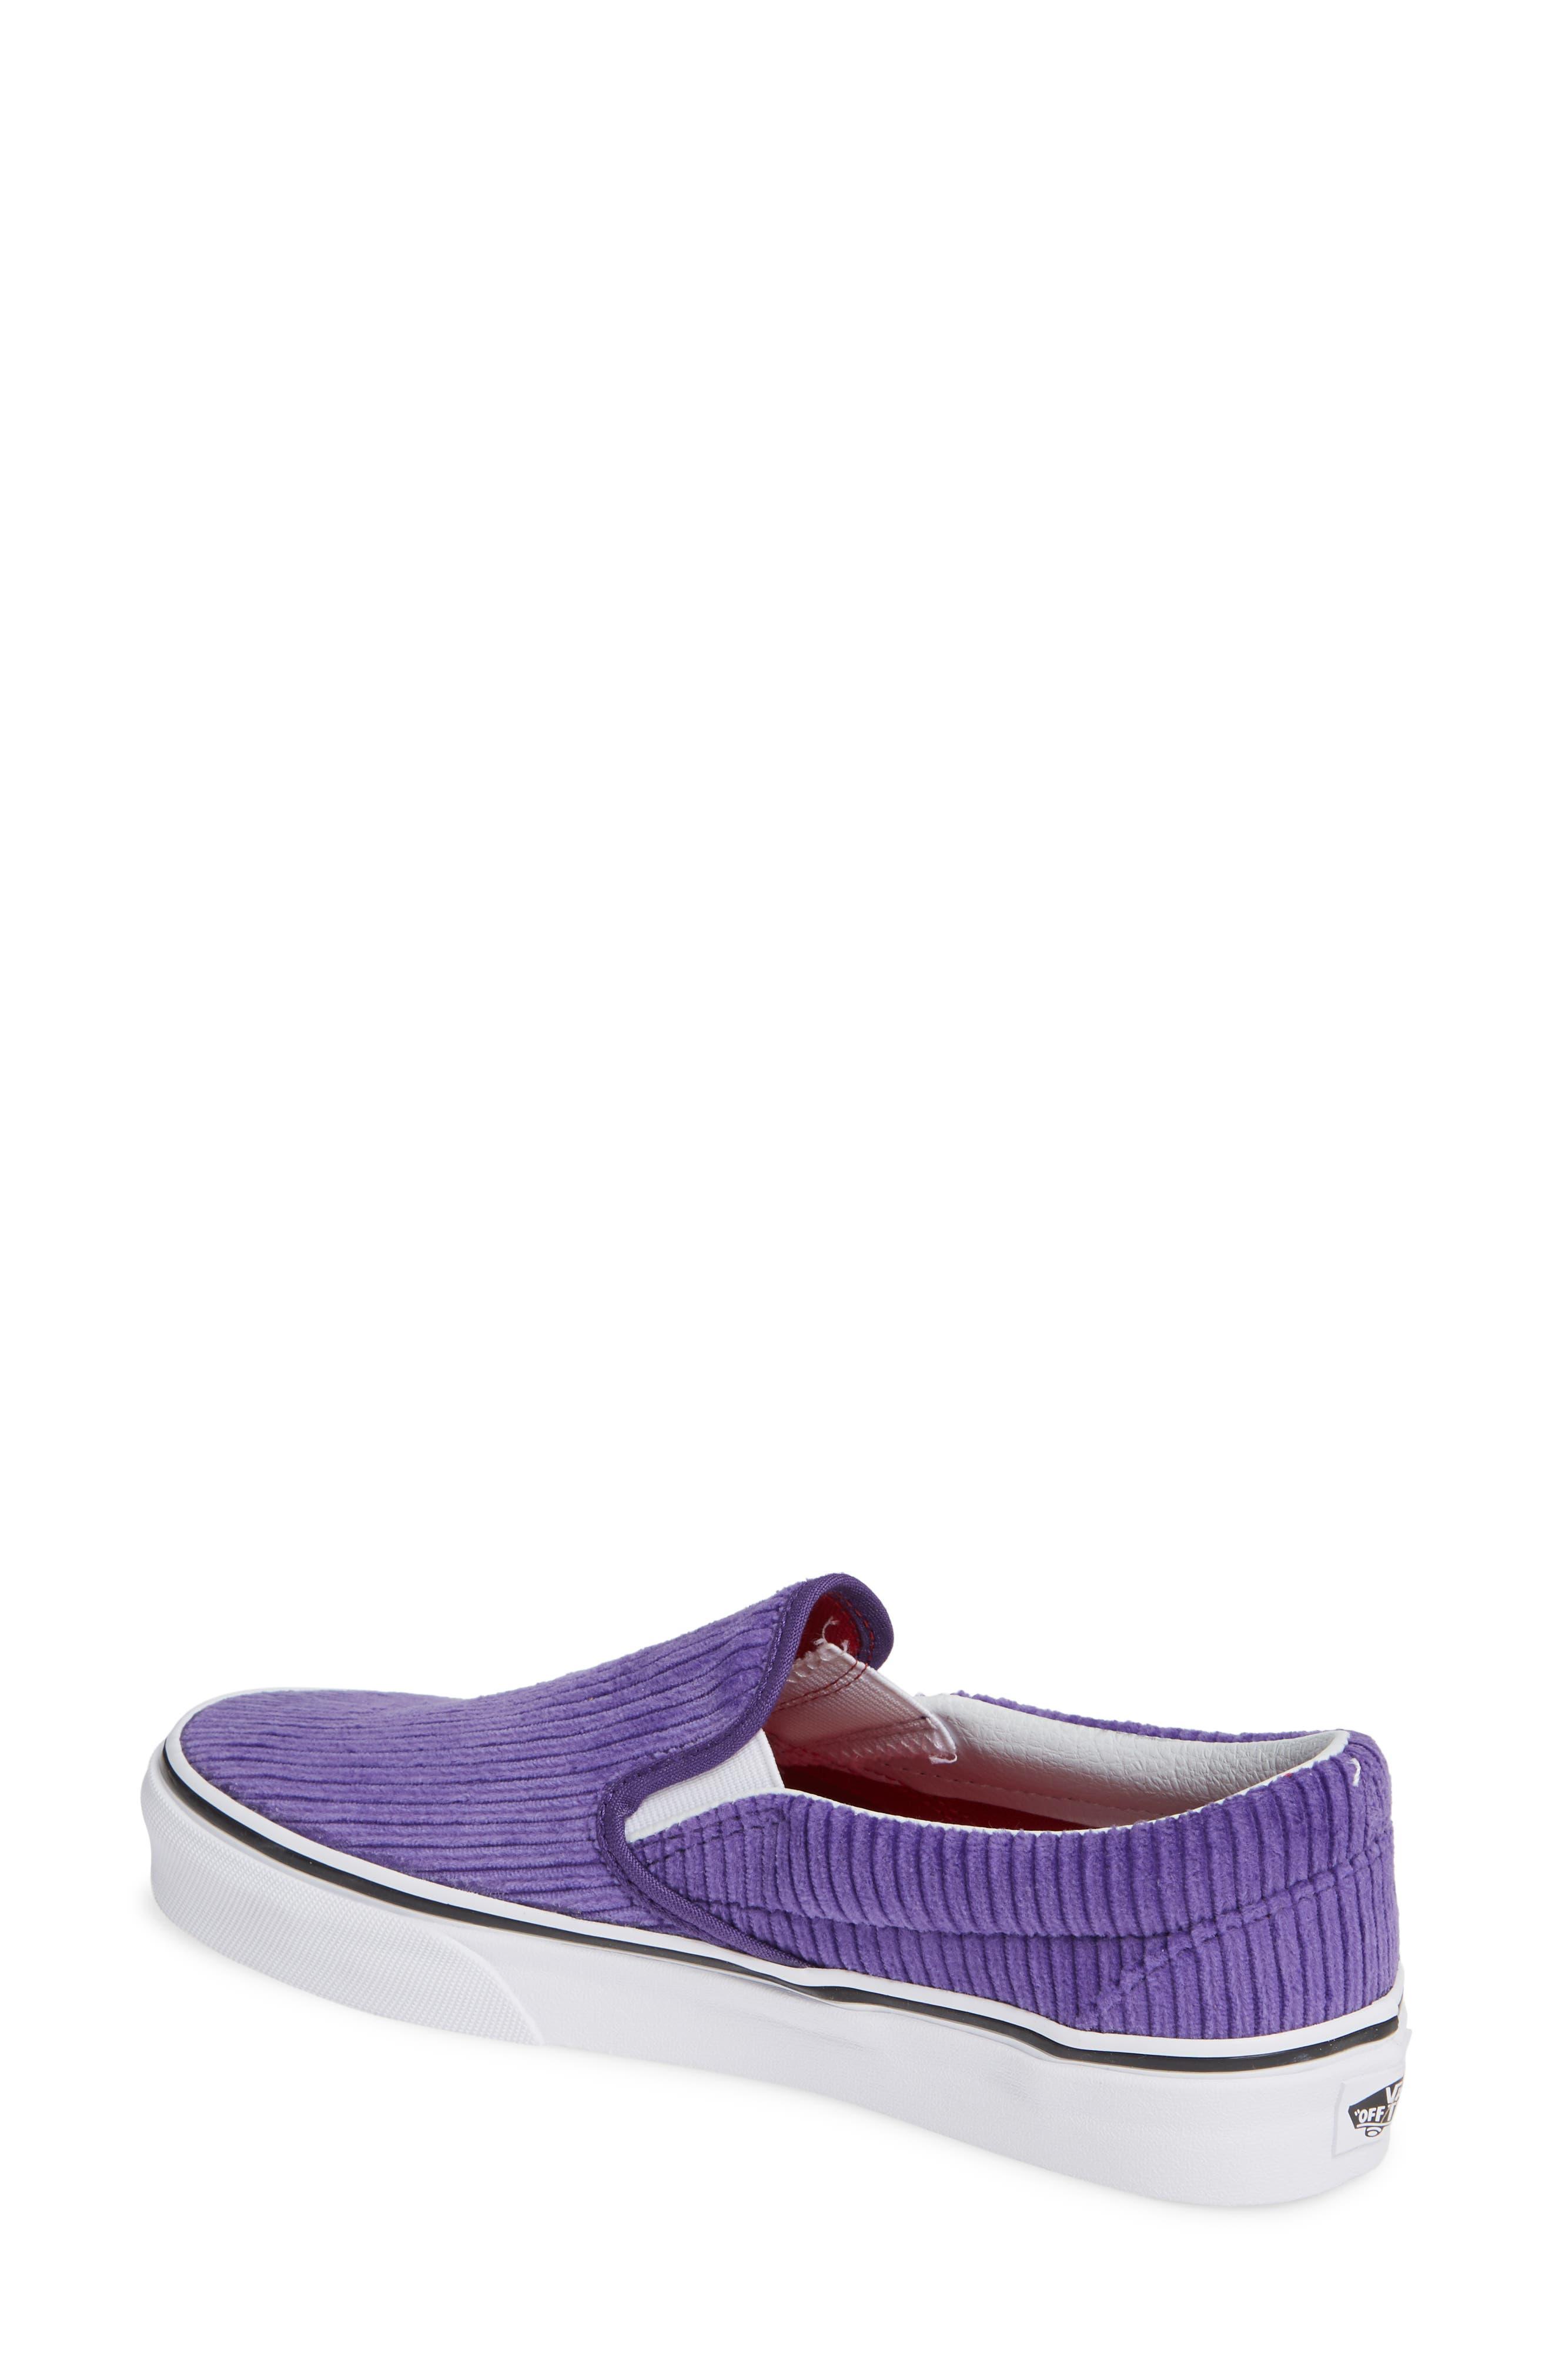 VANS,                             Classic Design Assembly Slip-On Sneaker,                             Alternate thumbnail 2, color,                             501